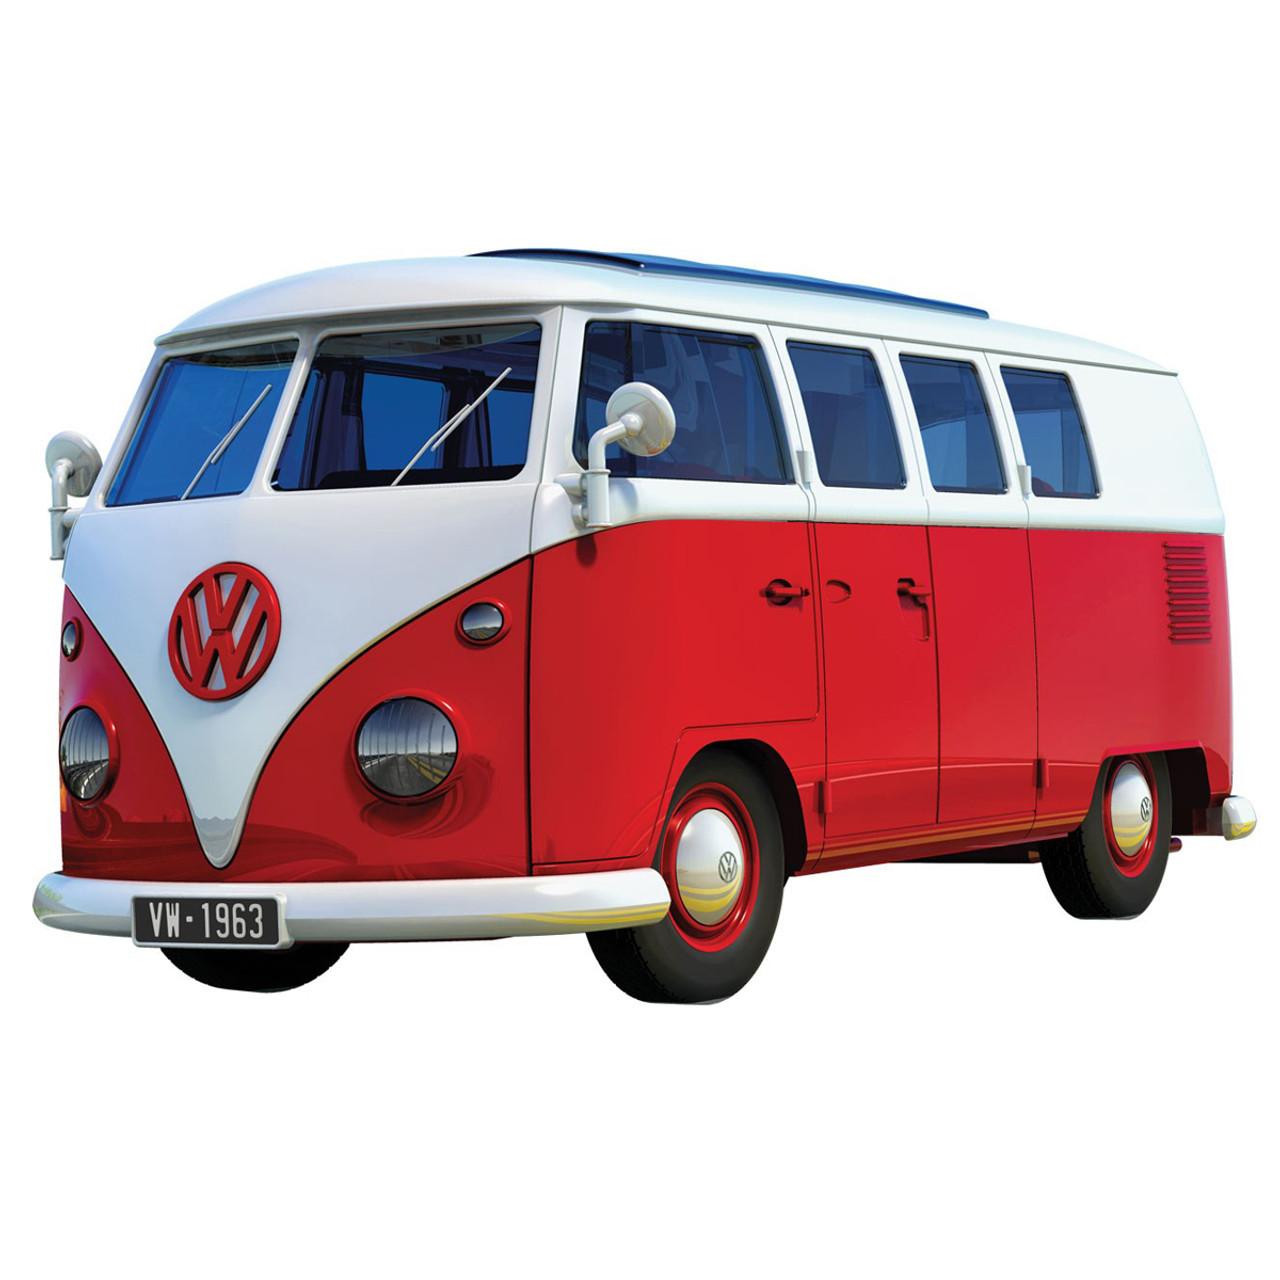 Vw Camper Van >> Vw Camper Van Upcoming New Car Release 2020